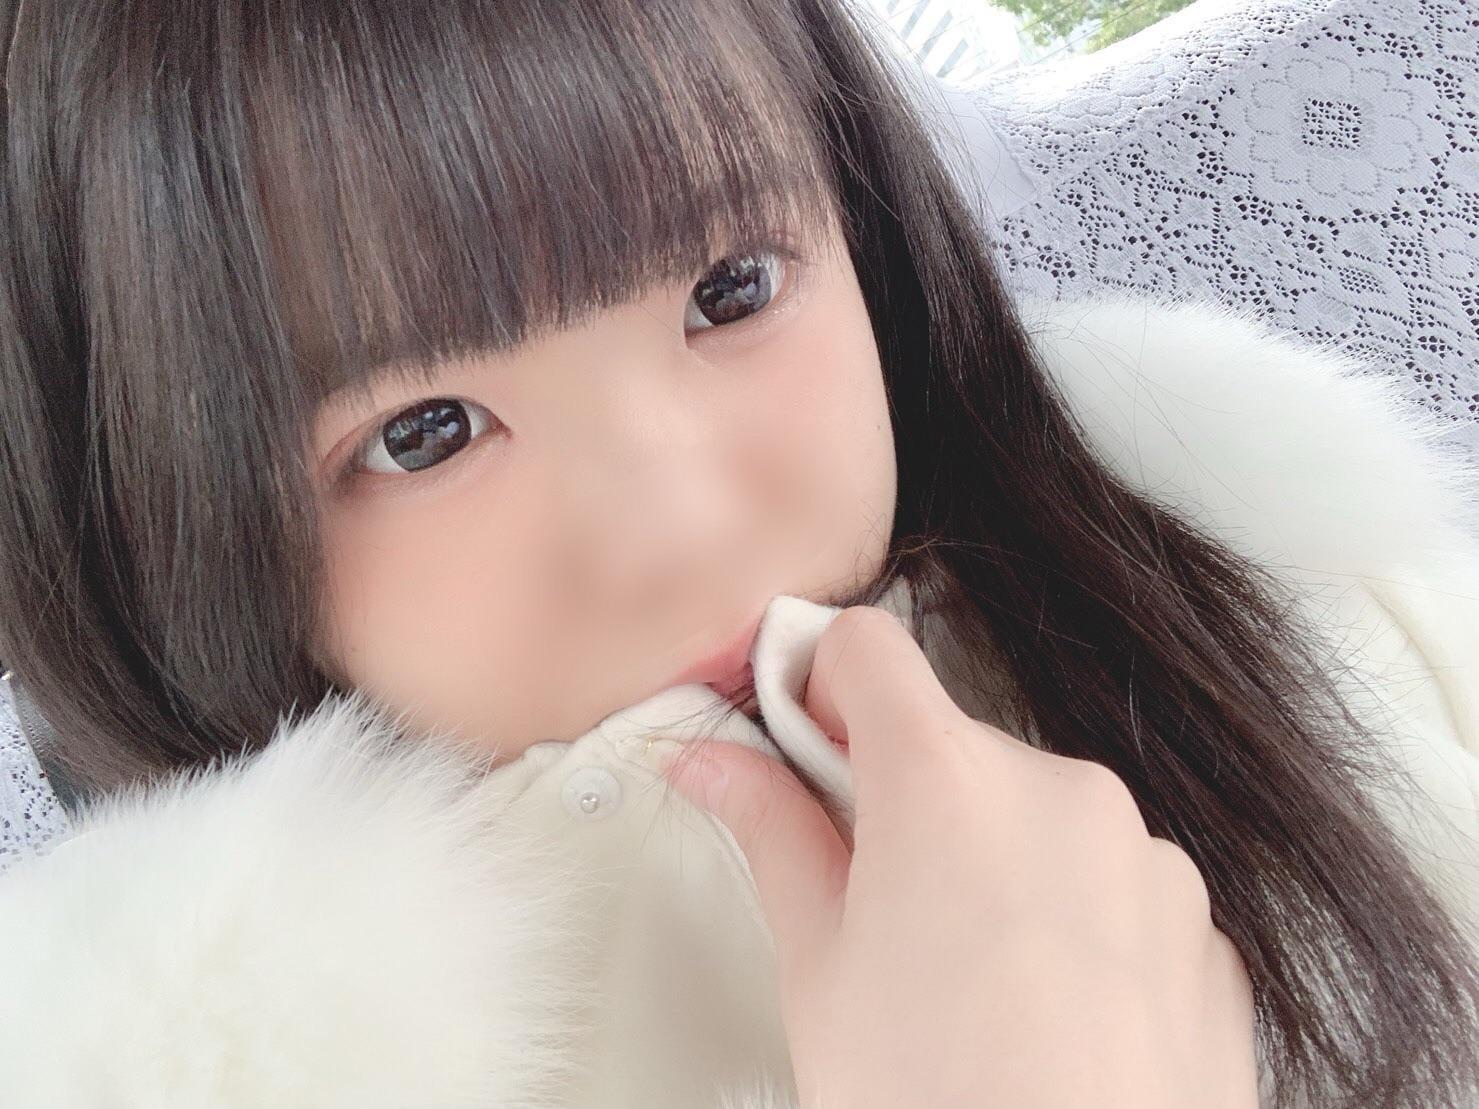 「おやすみなさい☆*°」03/23日(土) 05:18 | 香坂 みおりの写メ・風俗動画